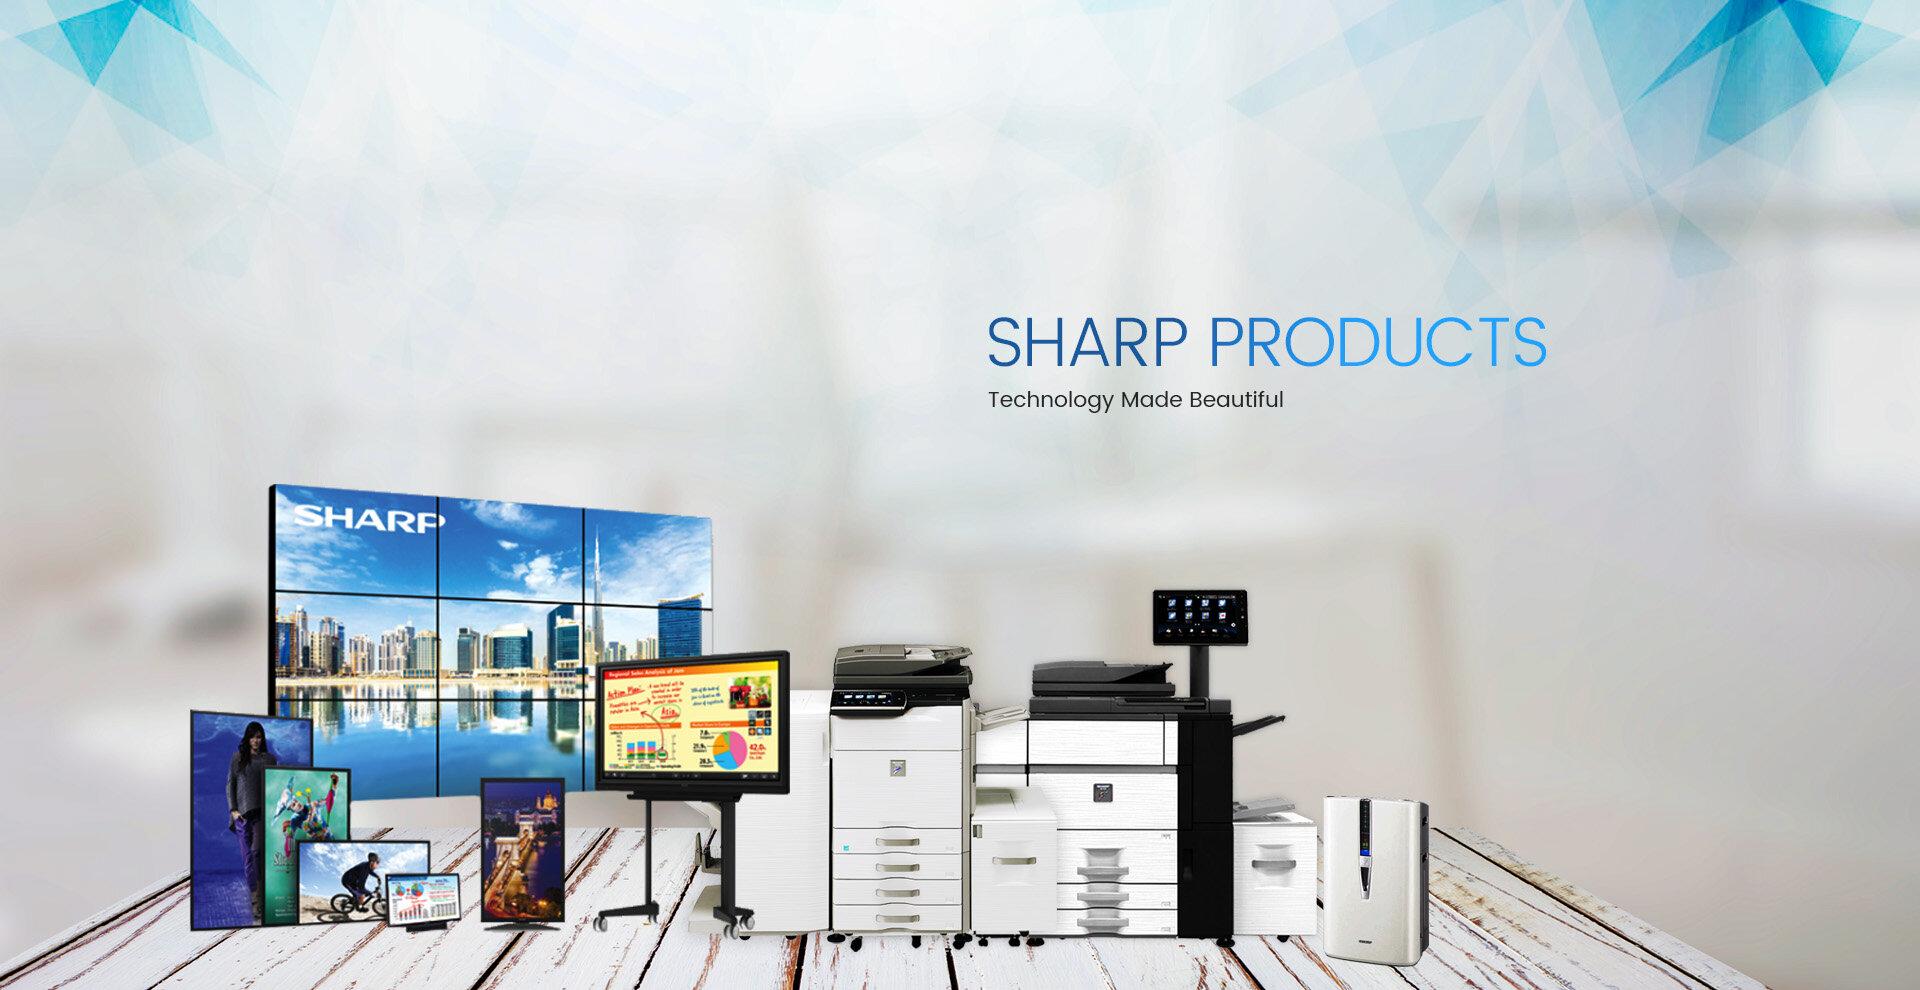 Nhà sản xuất Sharp với các dòng sản phẩm phổ biến